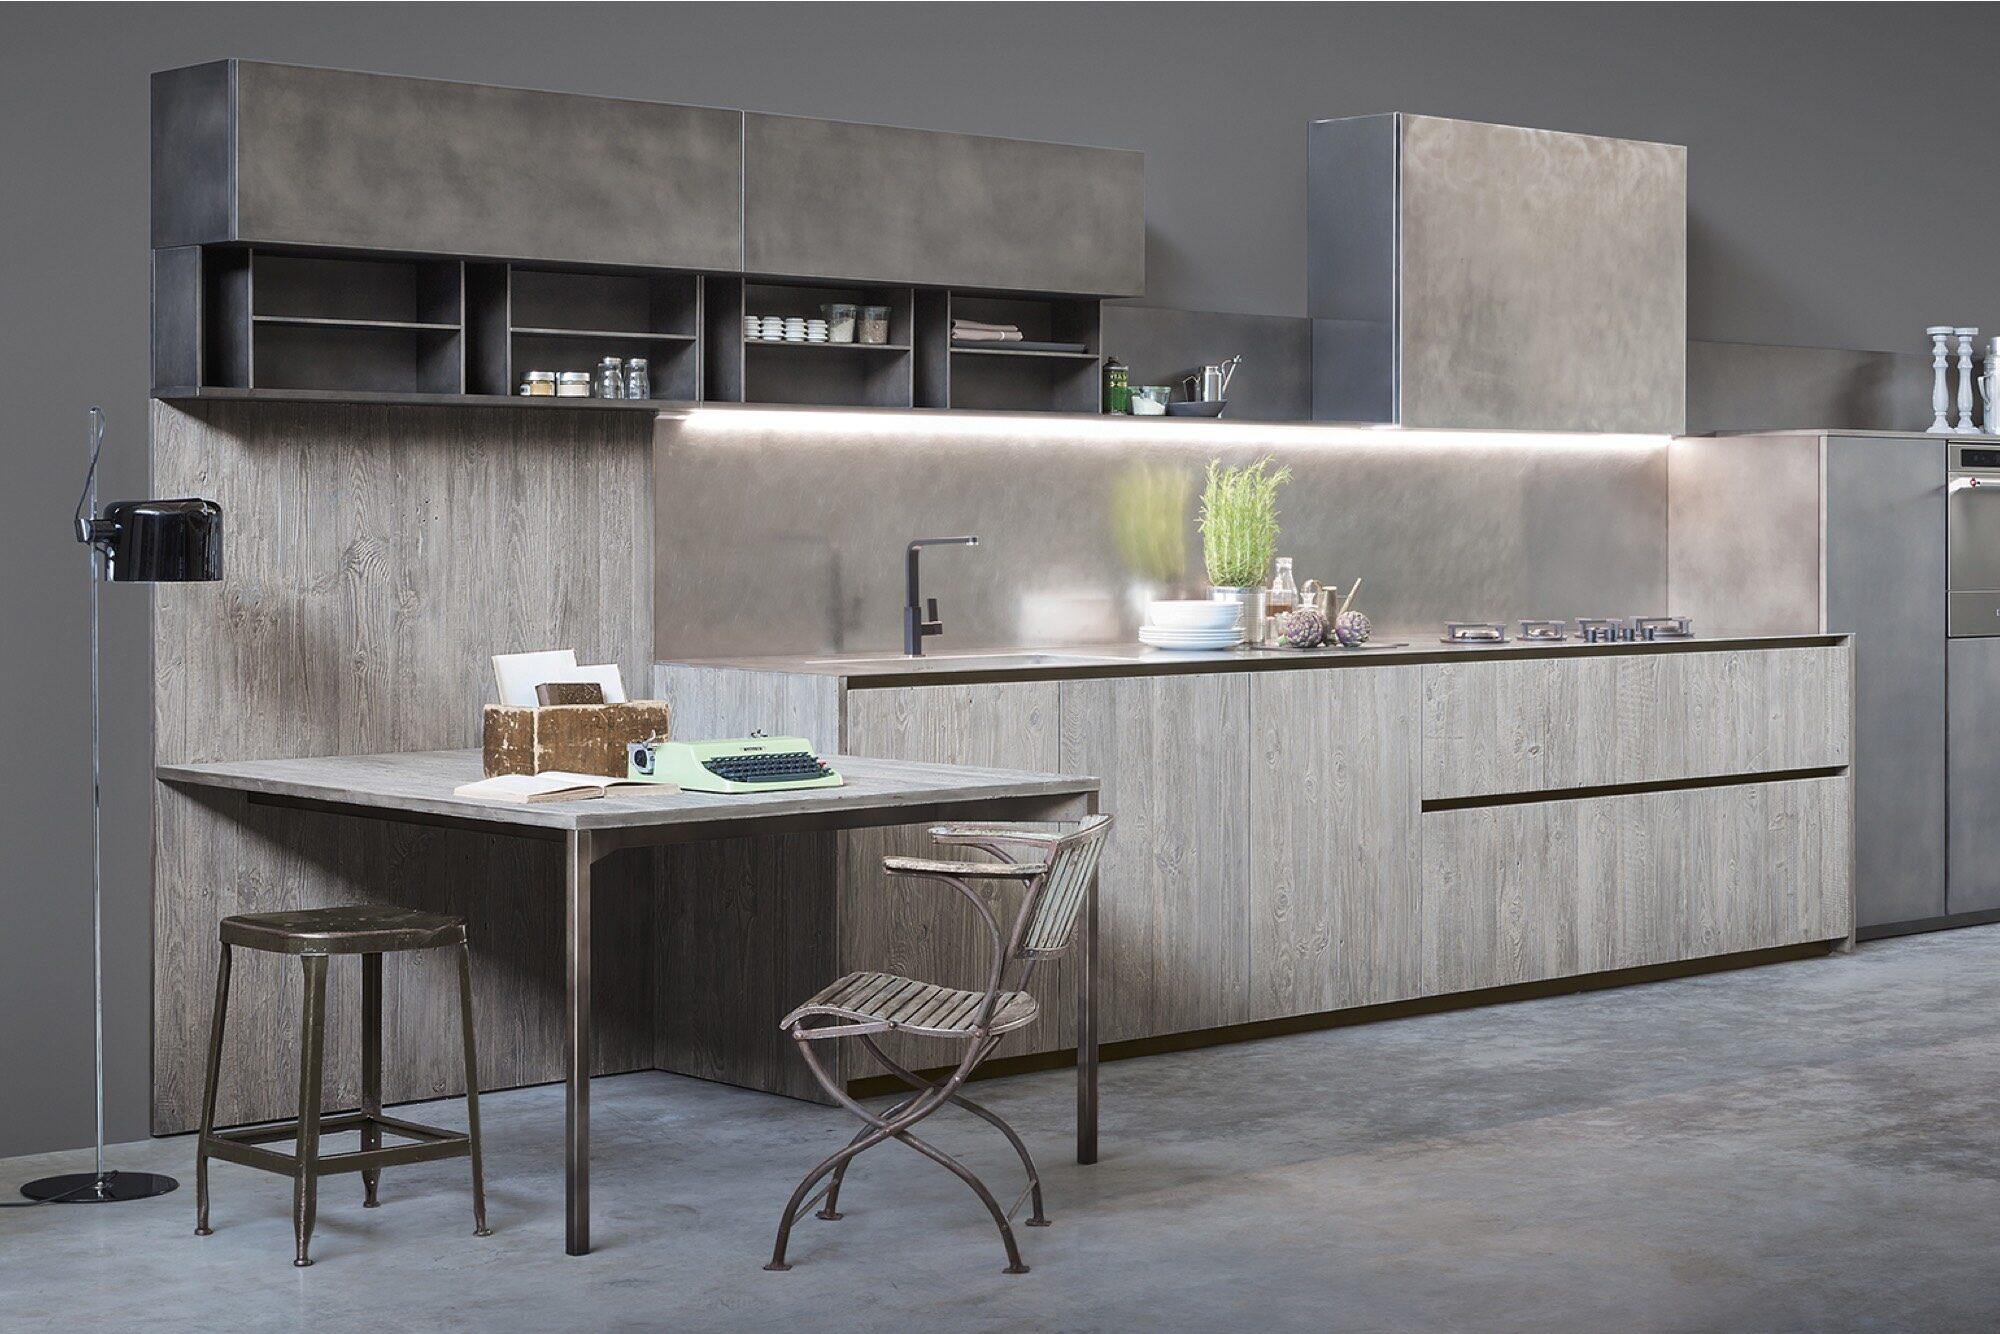 CU_Kitchen_B_020